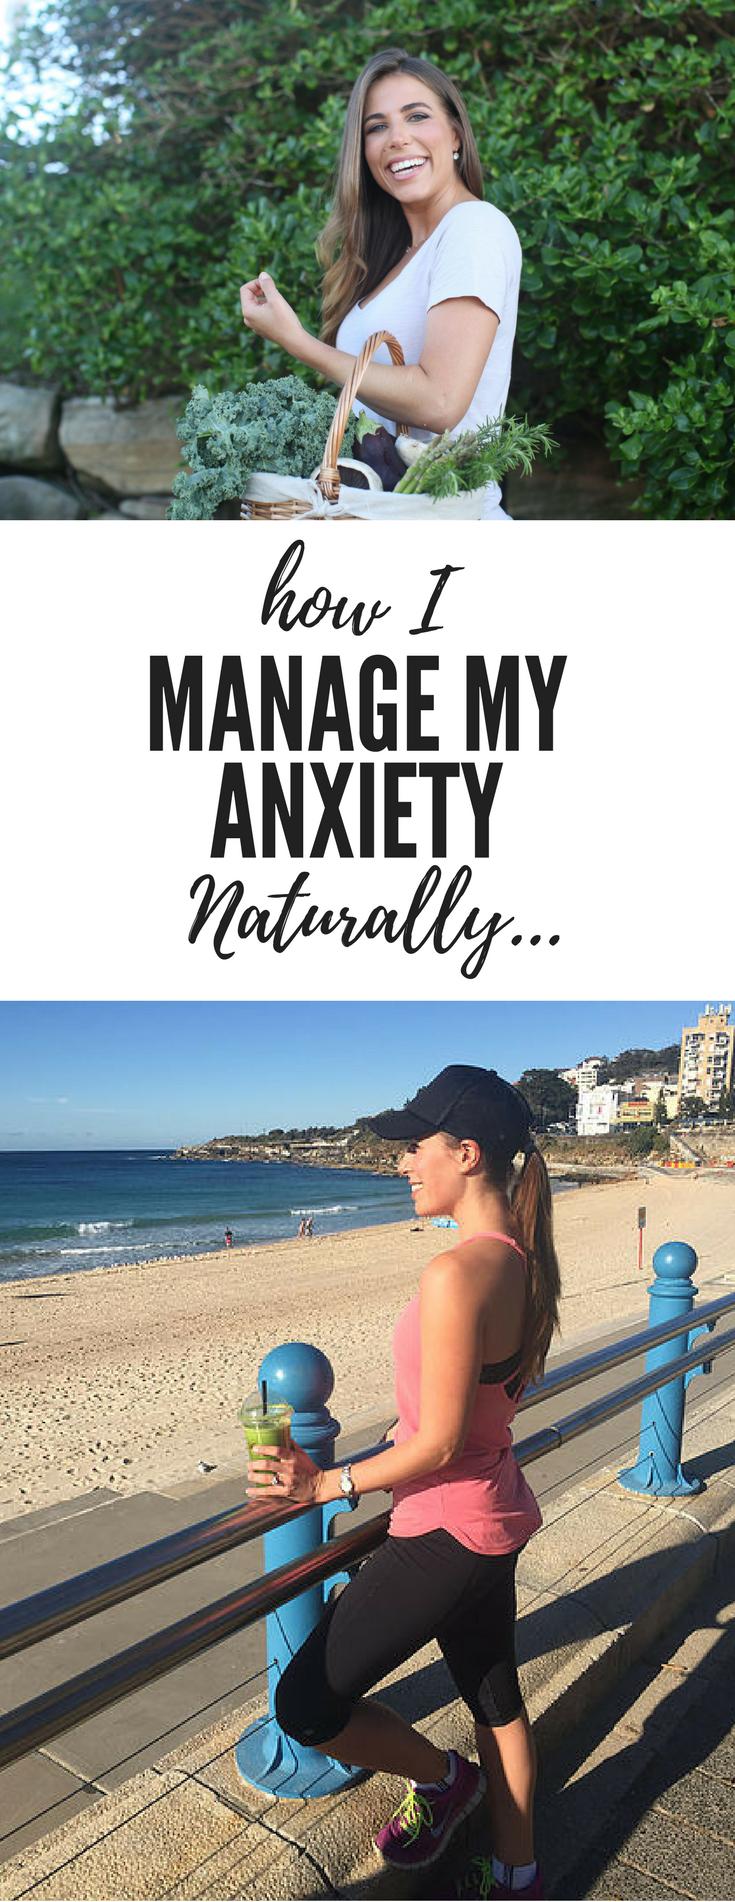 How I manage treat my anxiety naturally